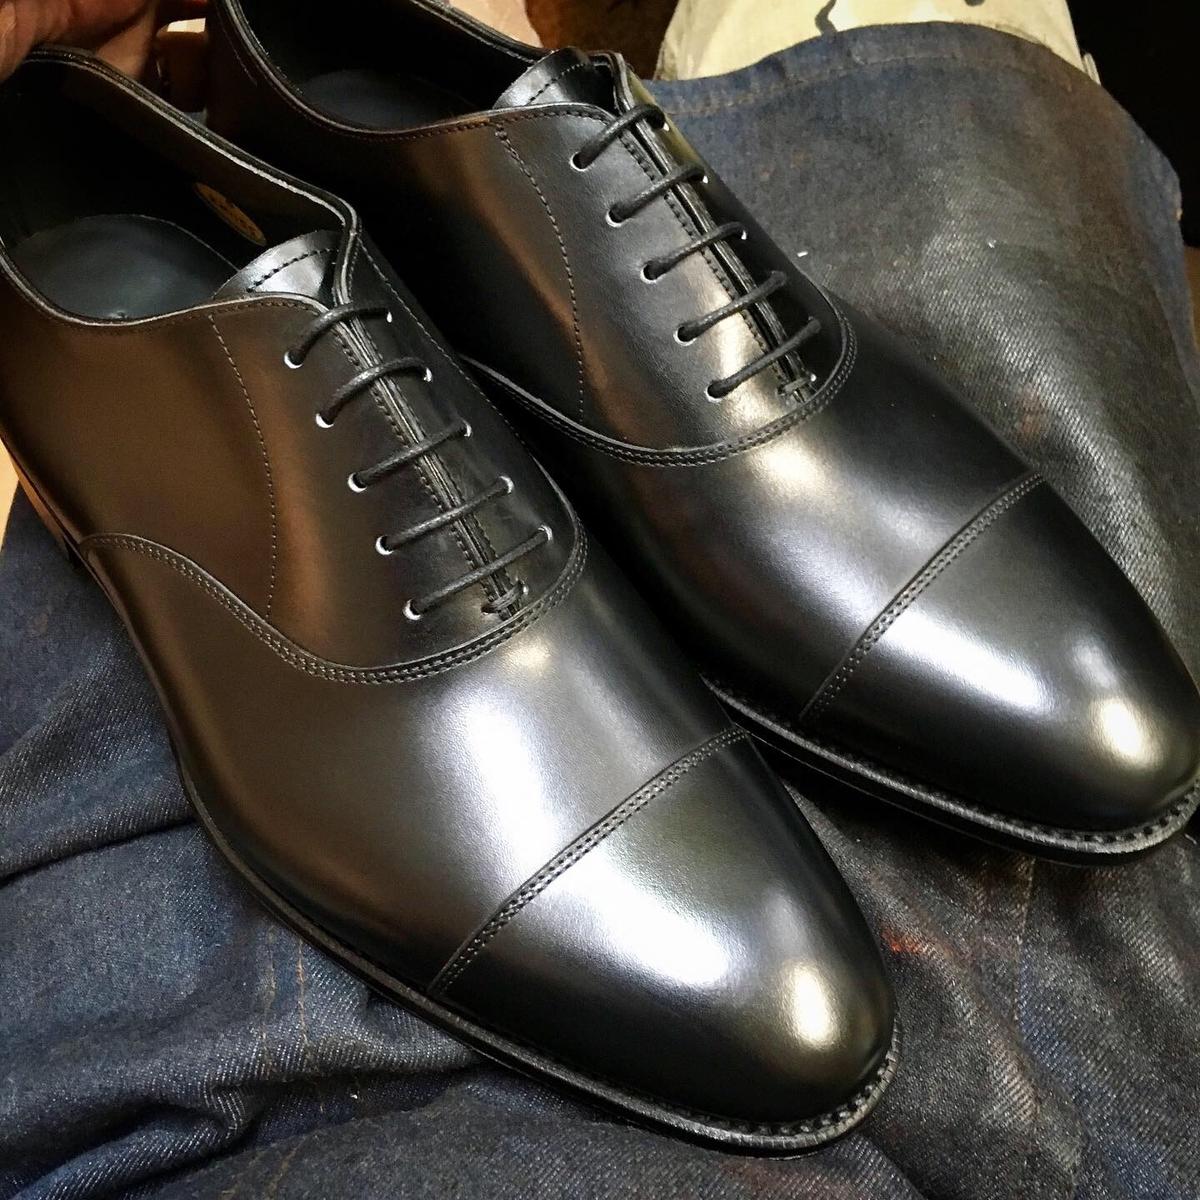 f:id:raymar-shoes:20190612221014j:plain